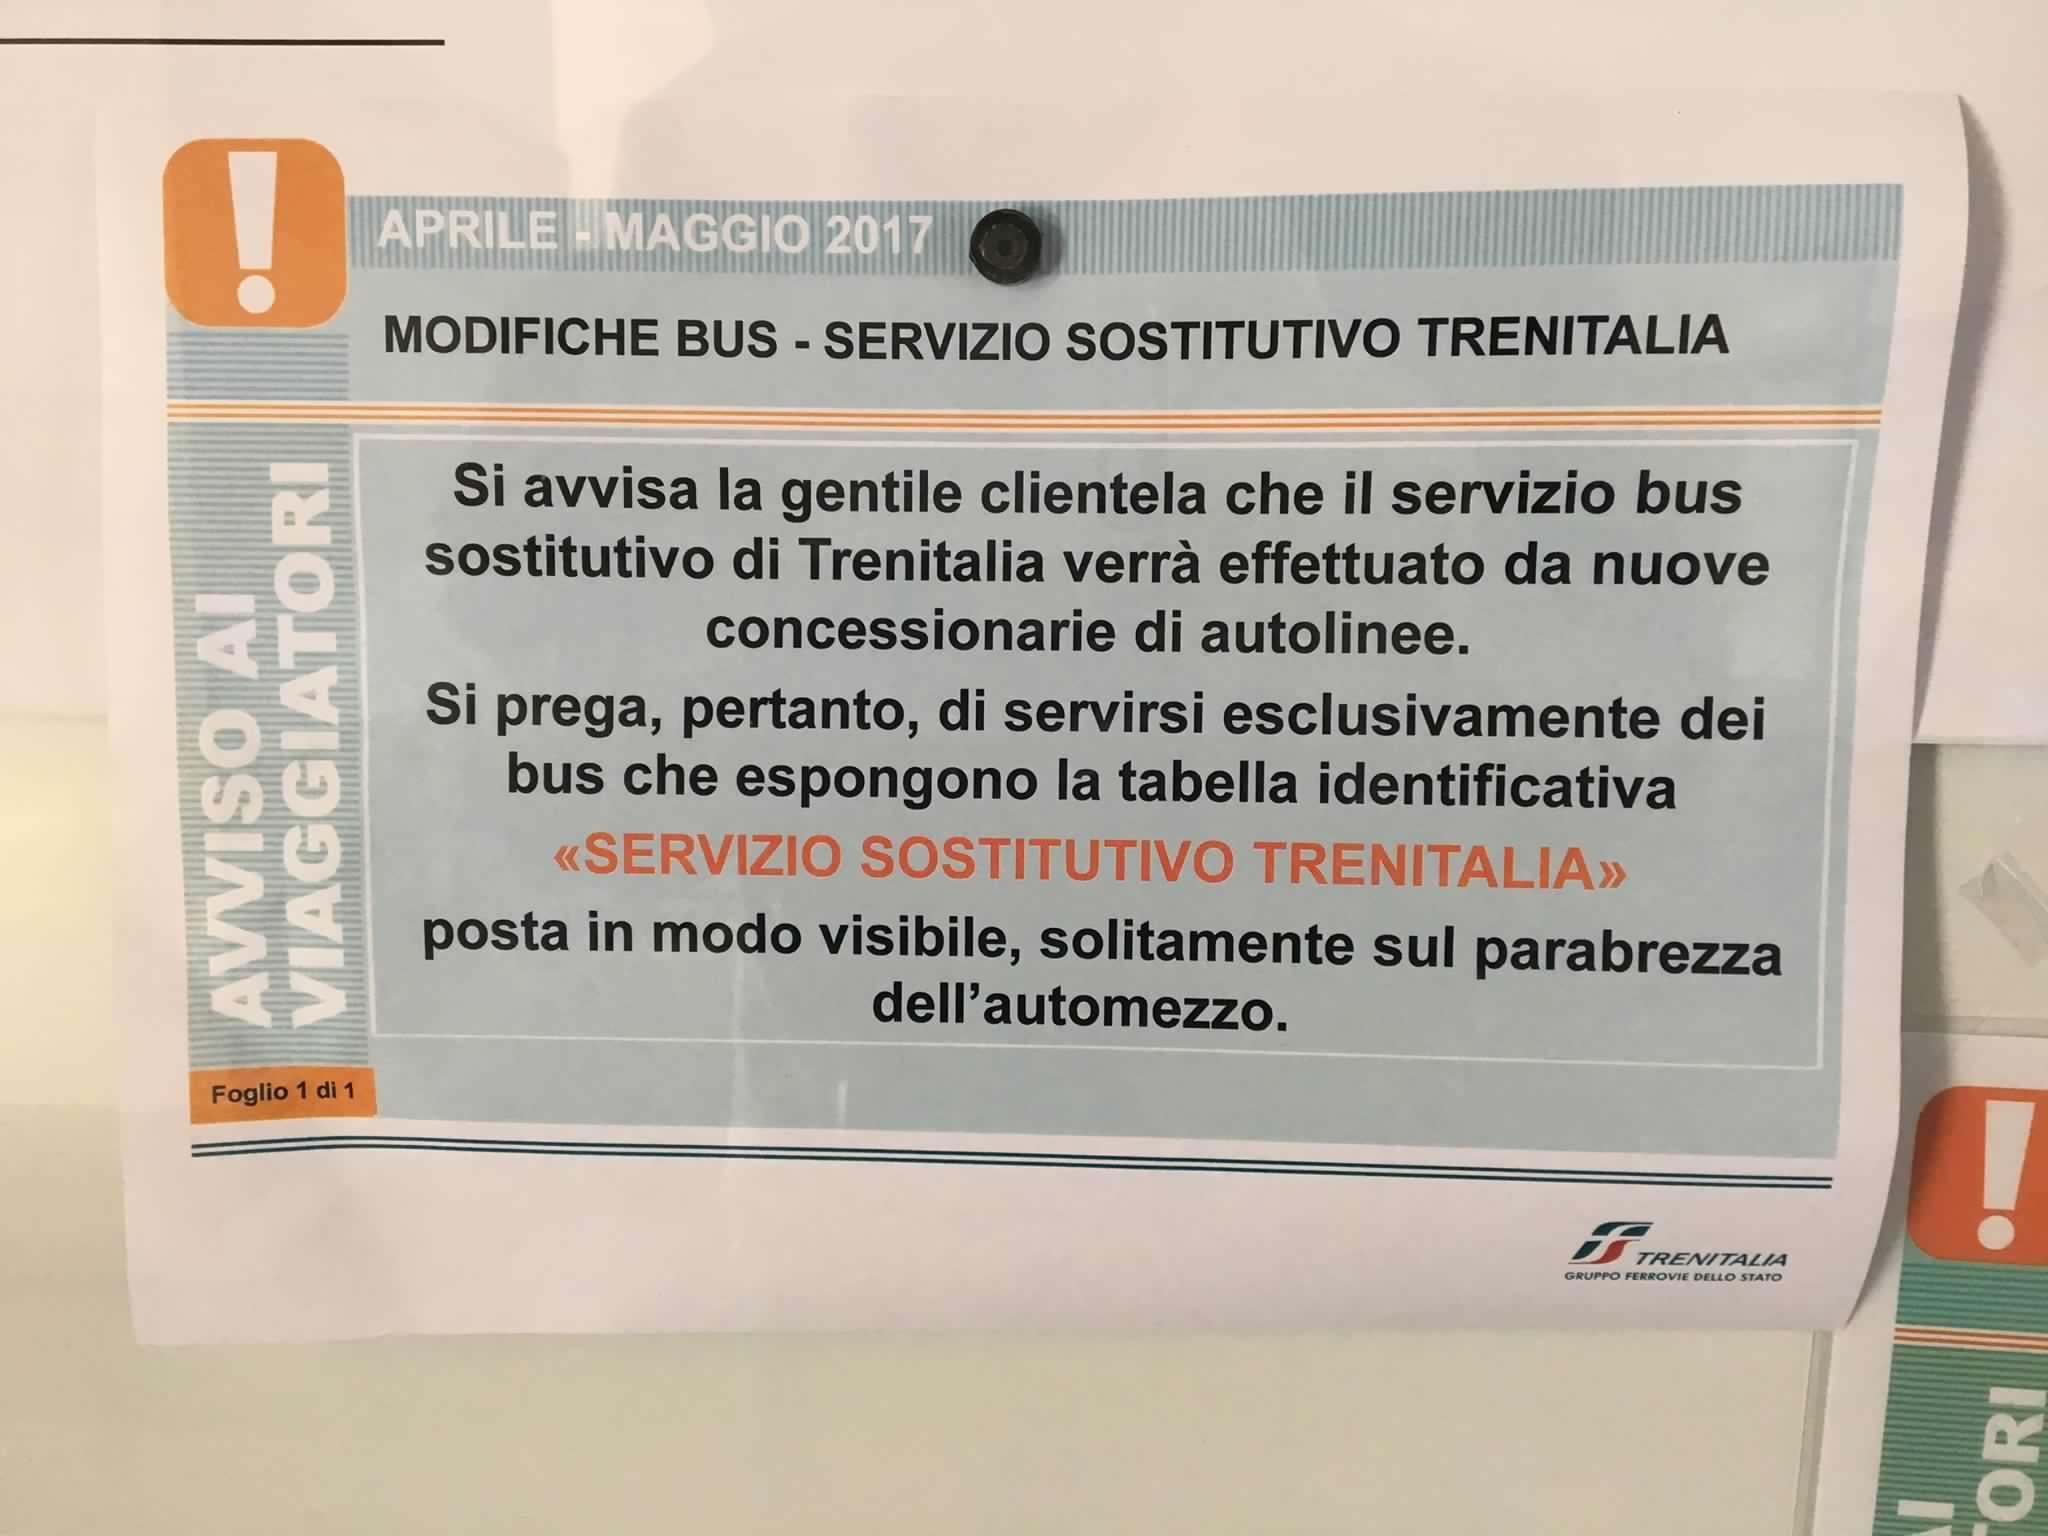 Avviso affidamento bus